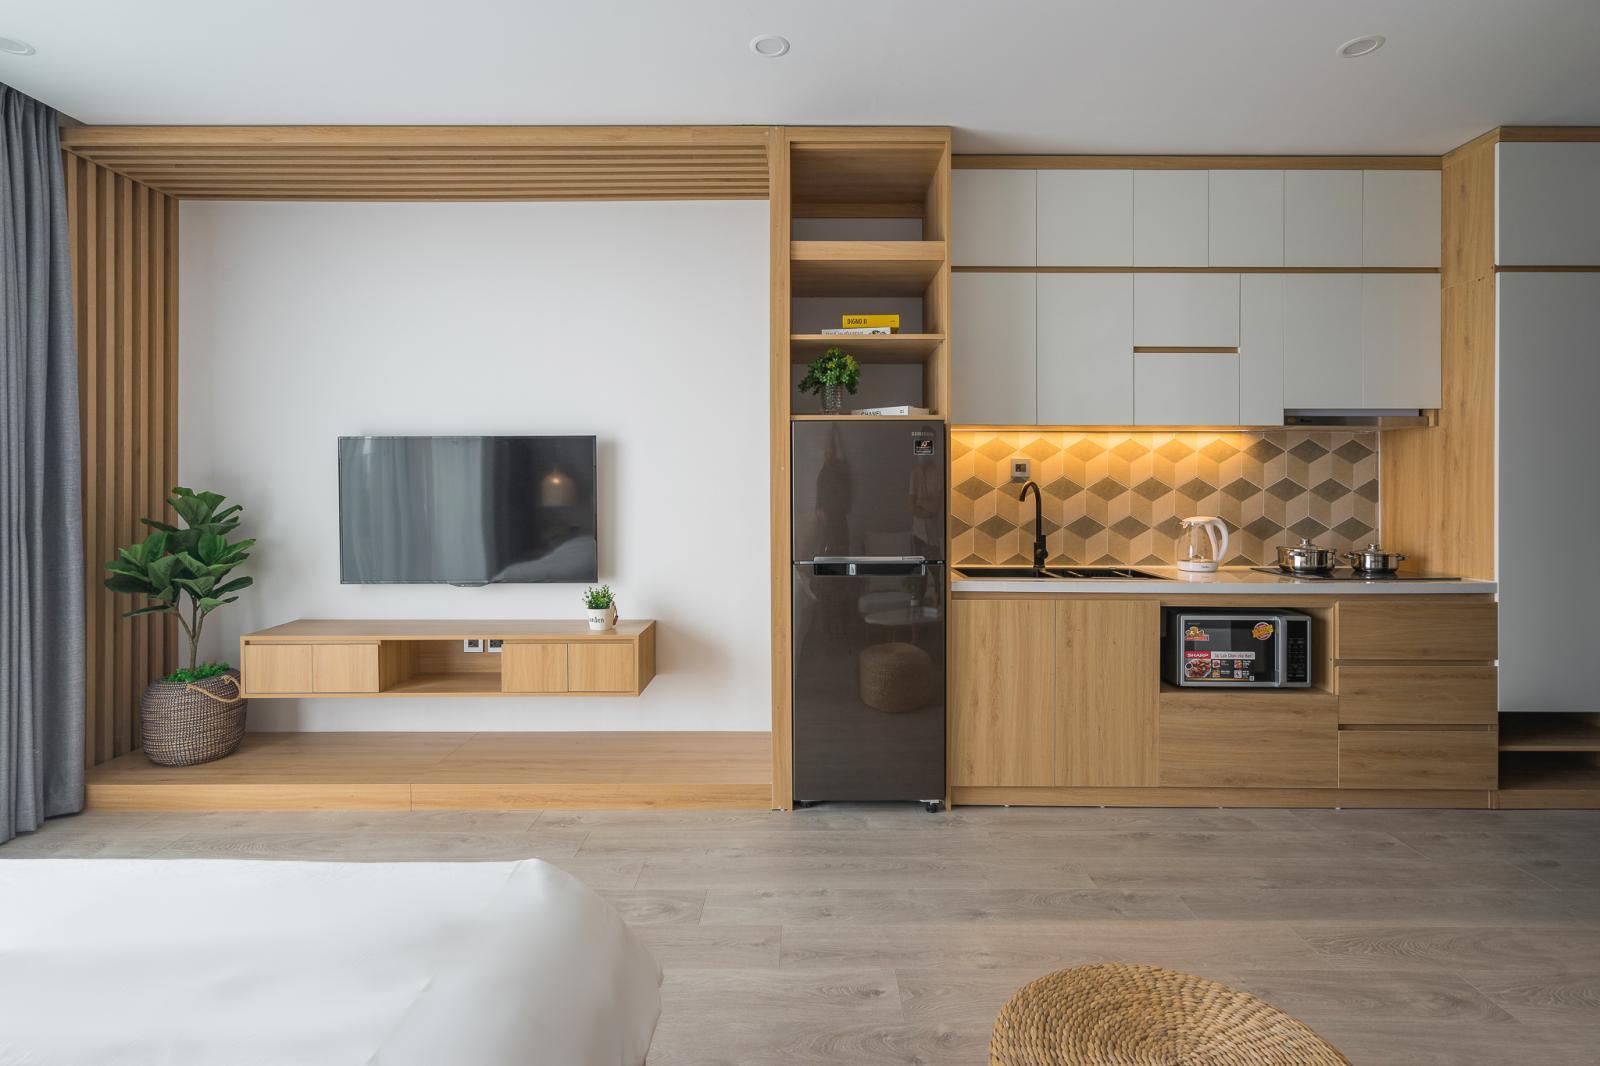 bếp và kệ TV